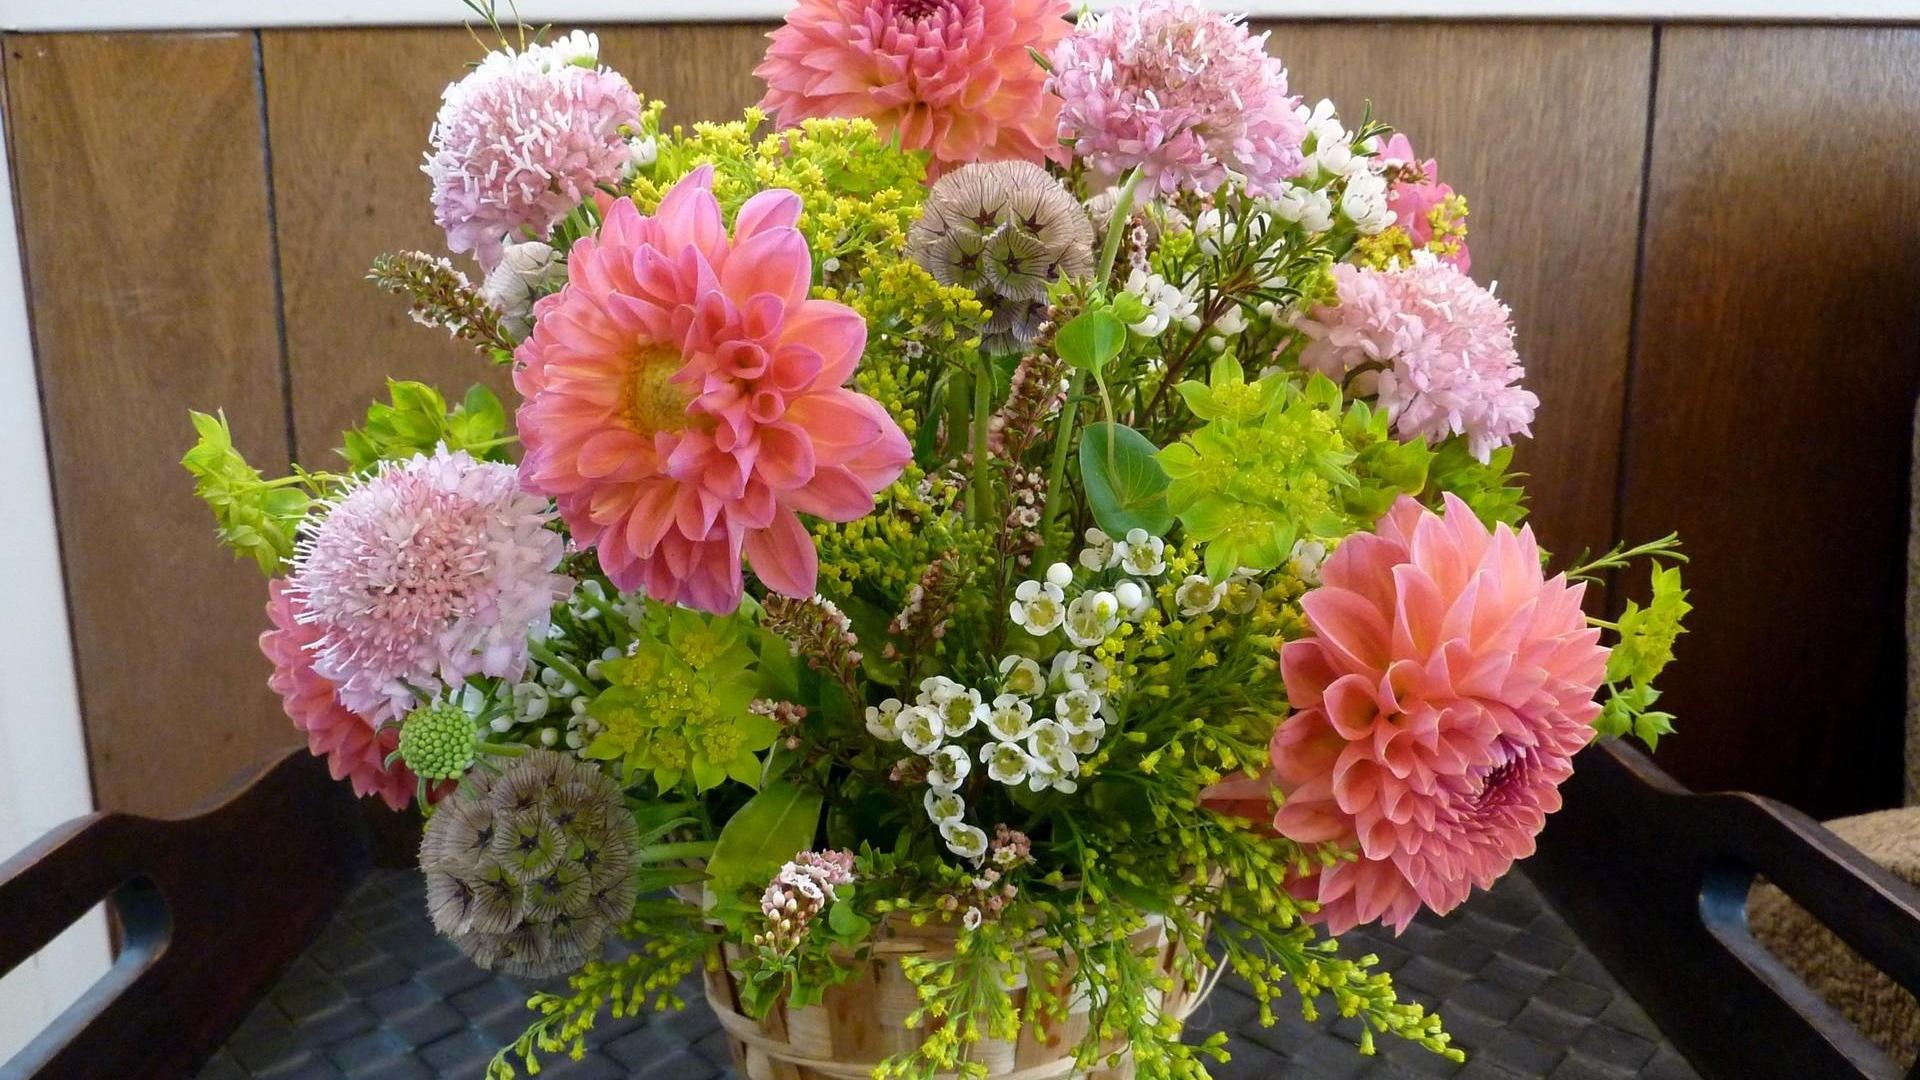 Download Wallpaper 1920x1080 dahlias, flowers, bouquets, composition ...